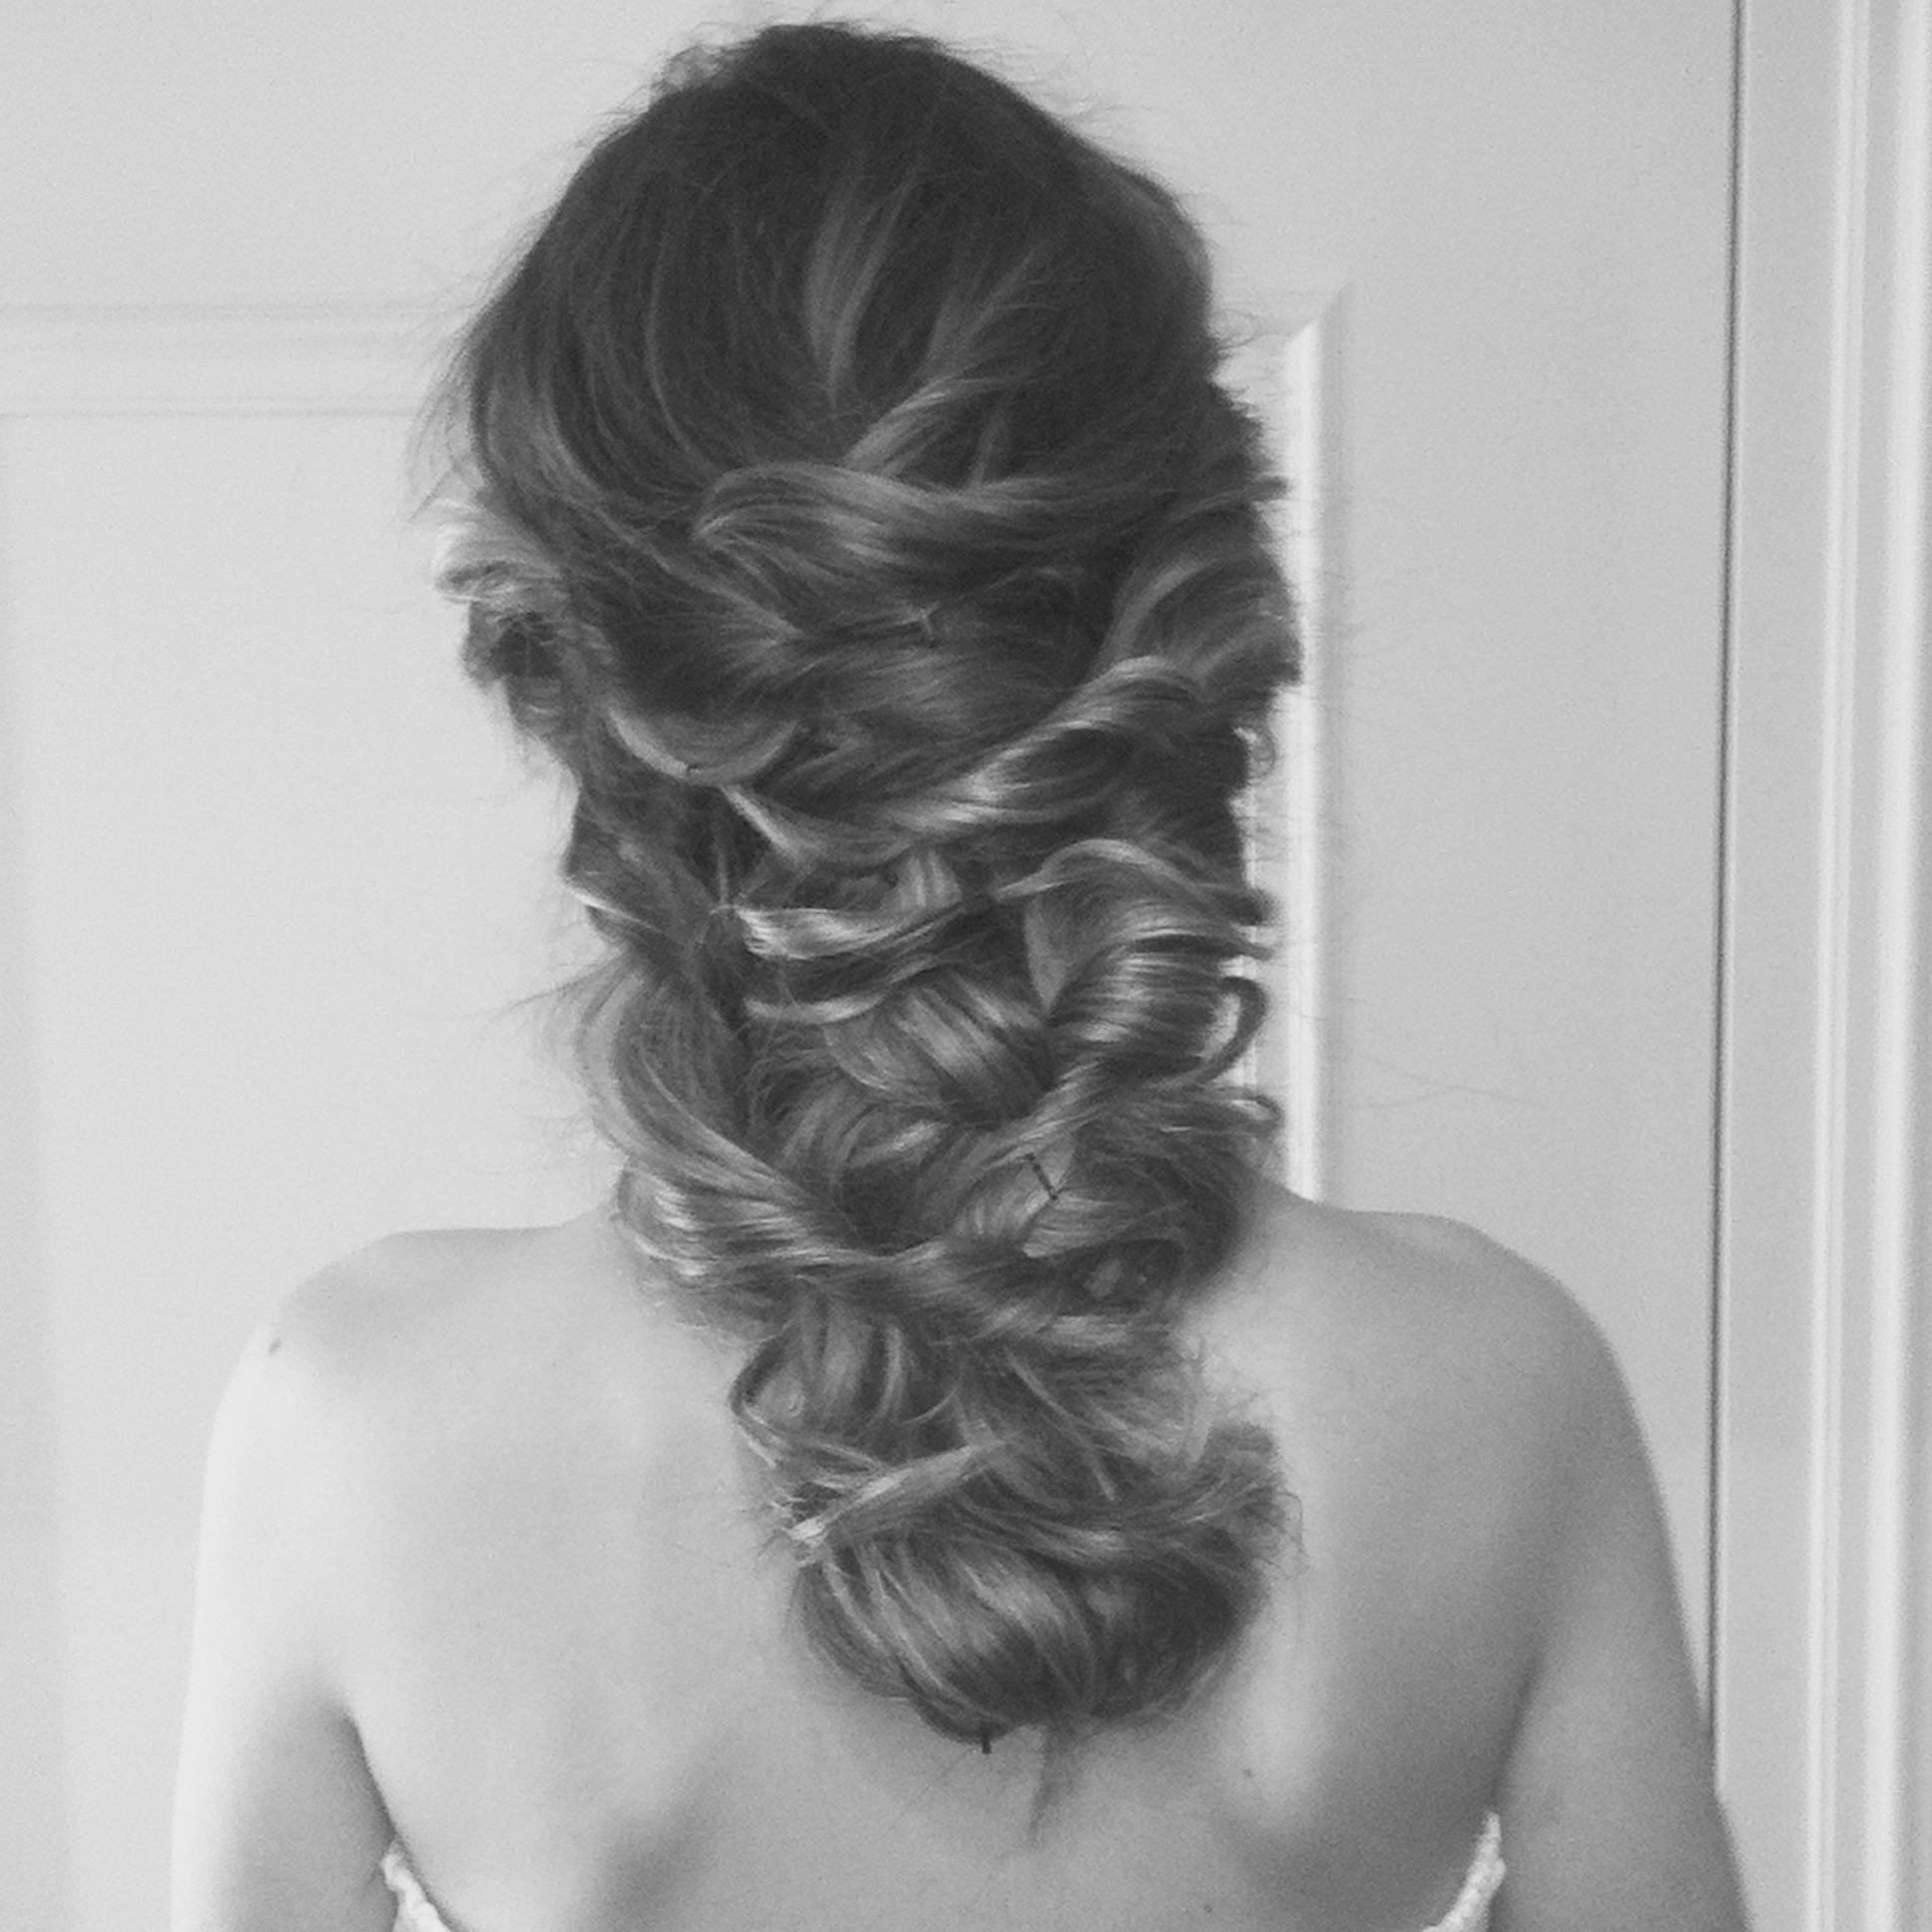 Brautfrisur mit fast offenen Haaren.